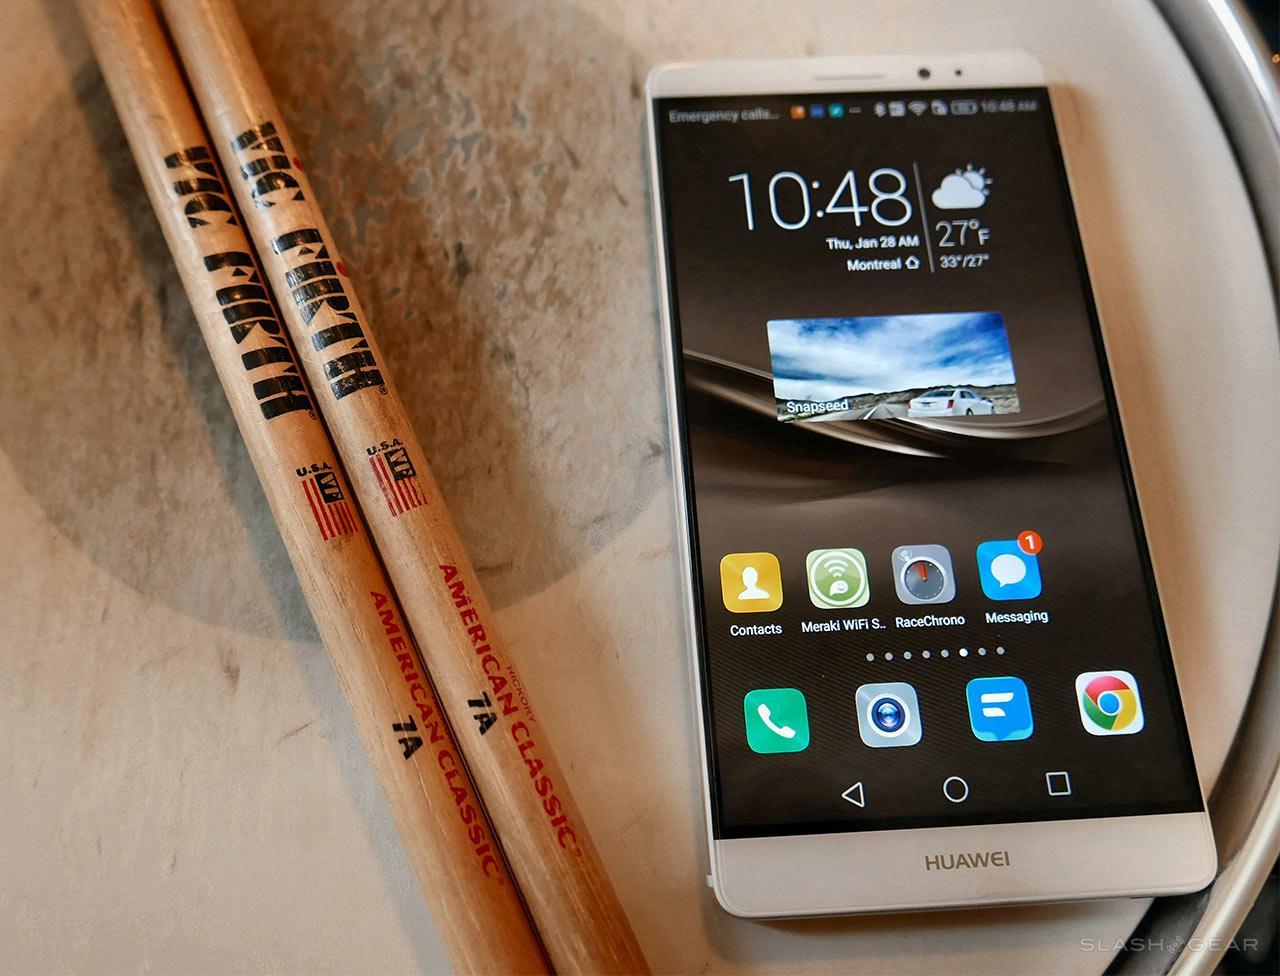 Huawei Mate 8 Review - SlashGear